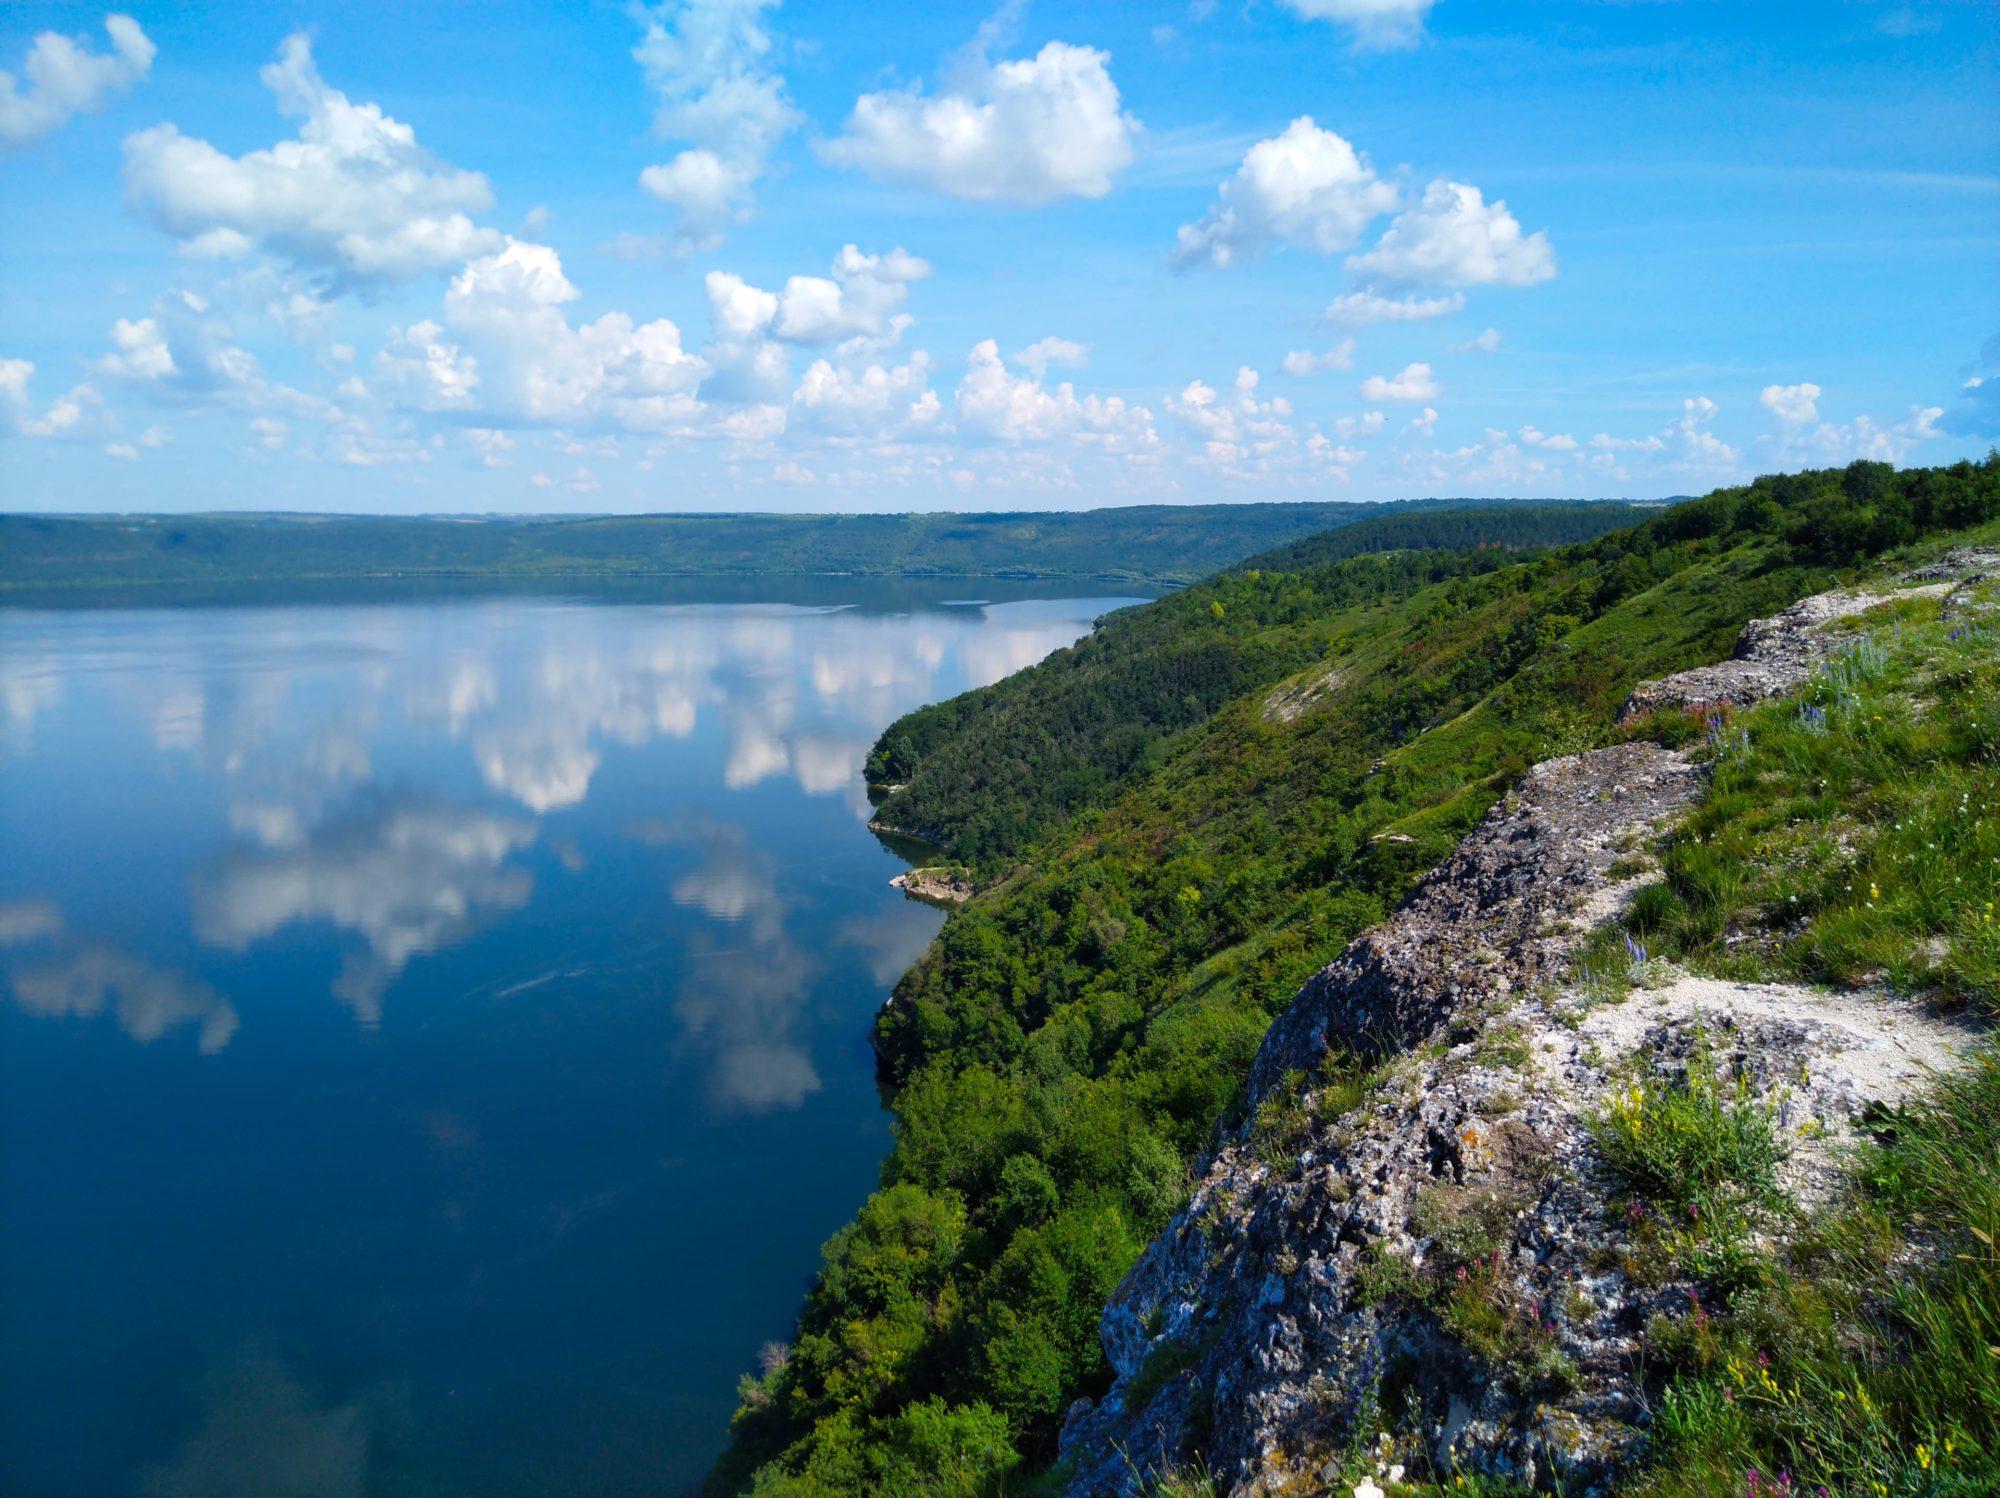 Bakota2-2000x1498 П'ятірка українських місць, схожих на світові курорти